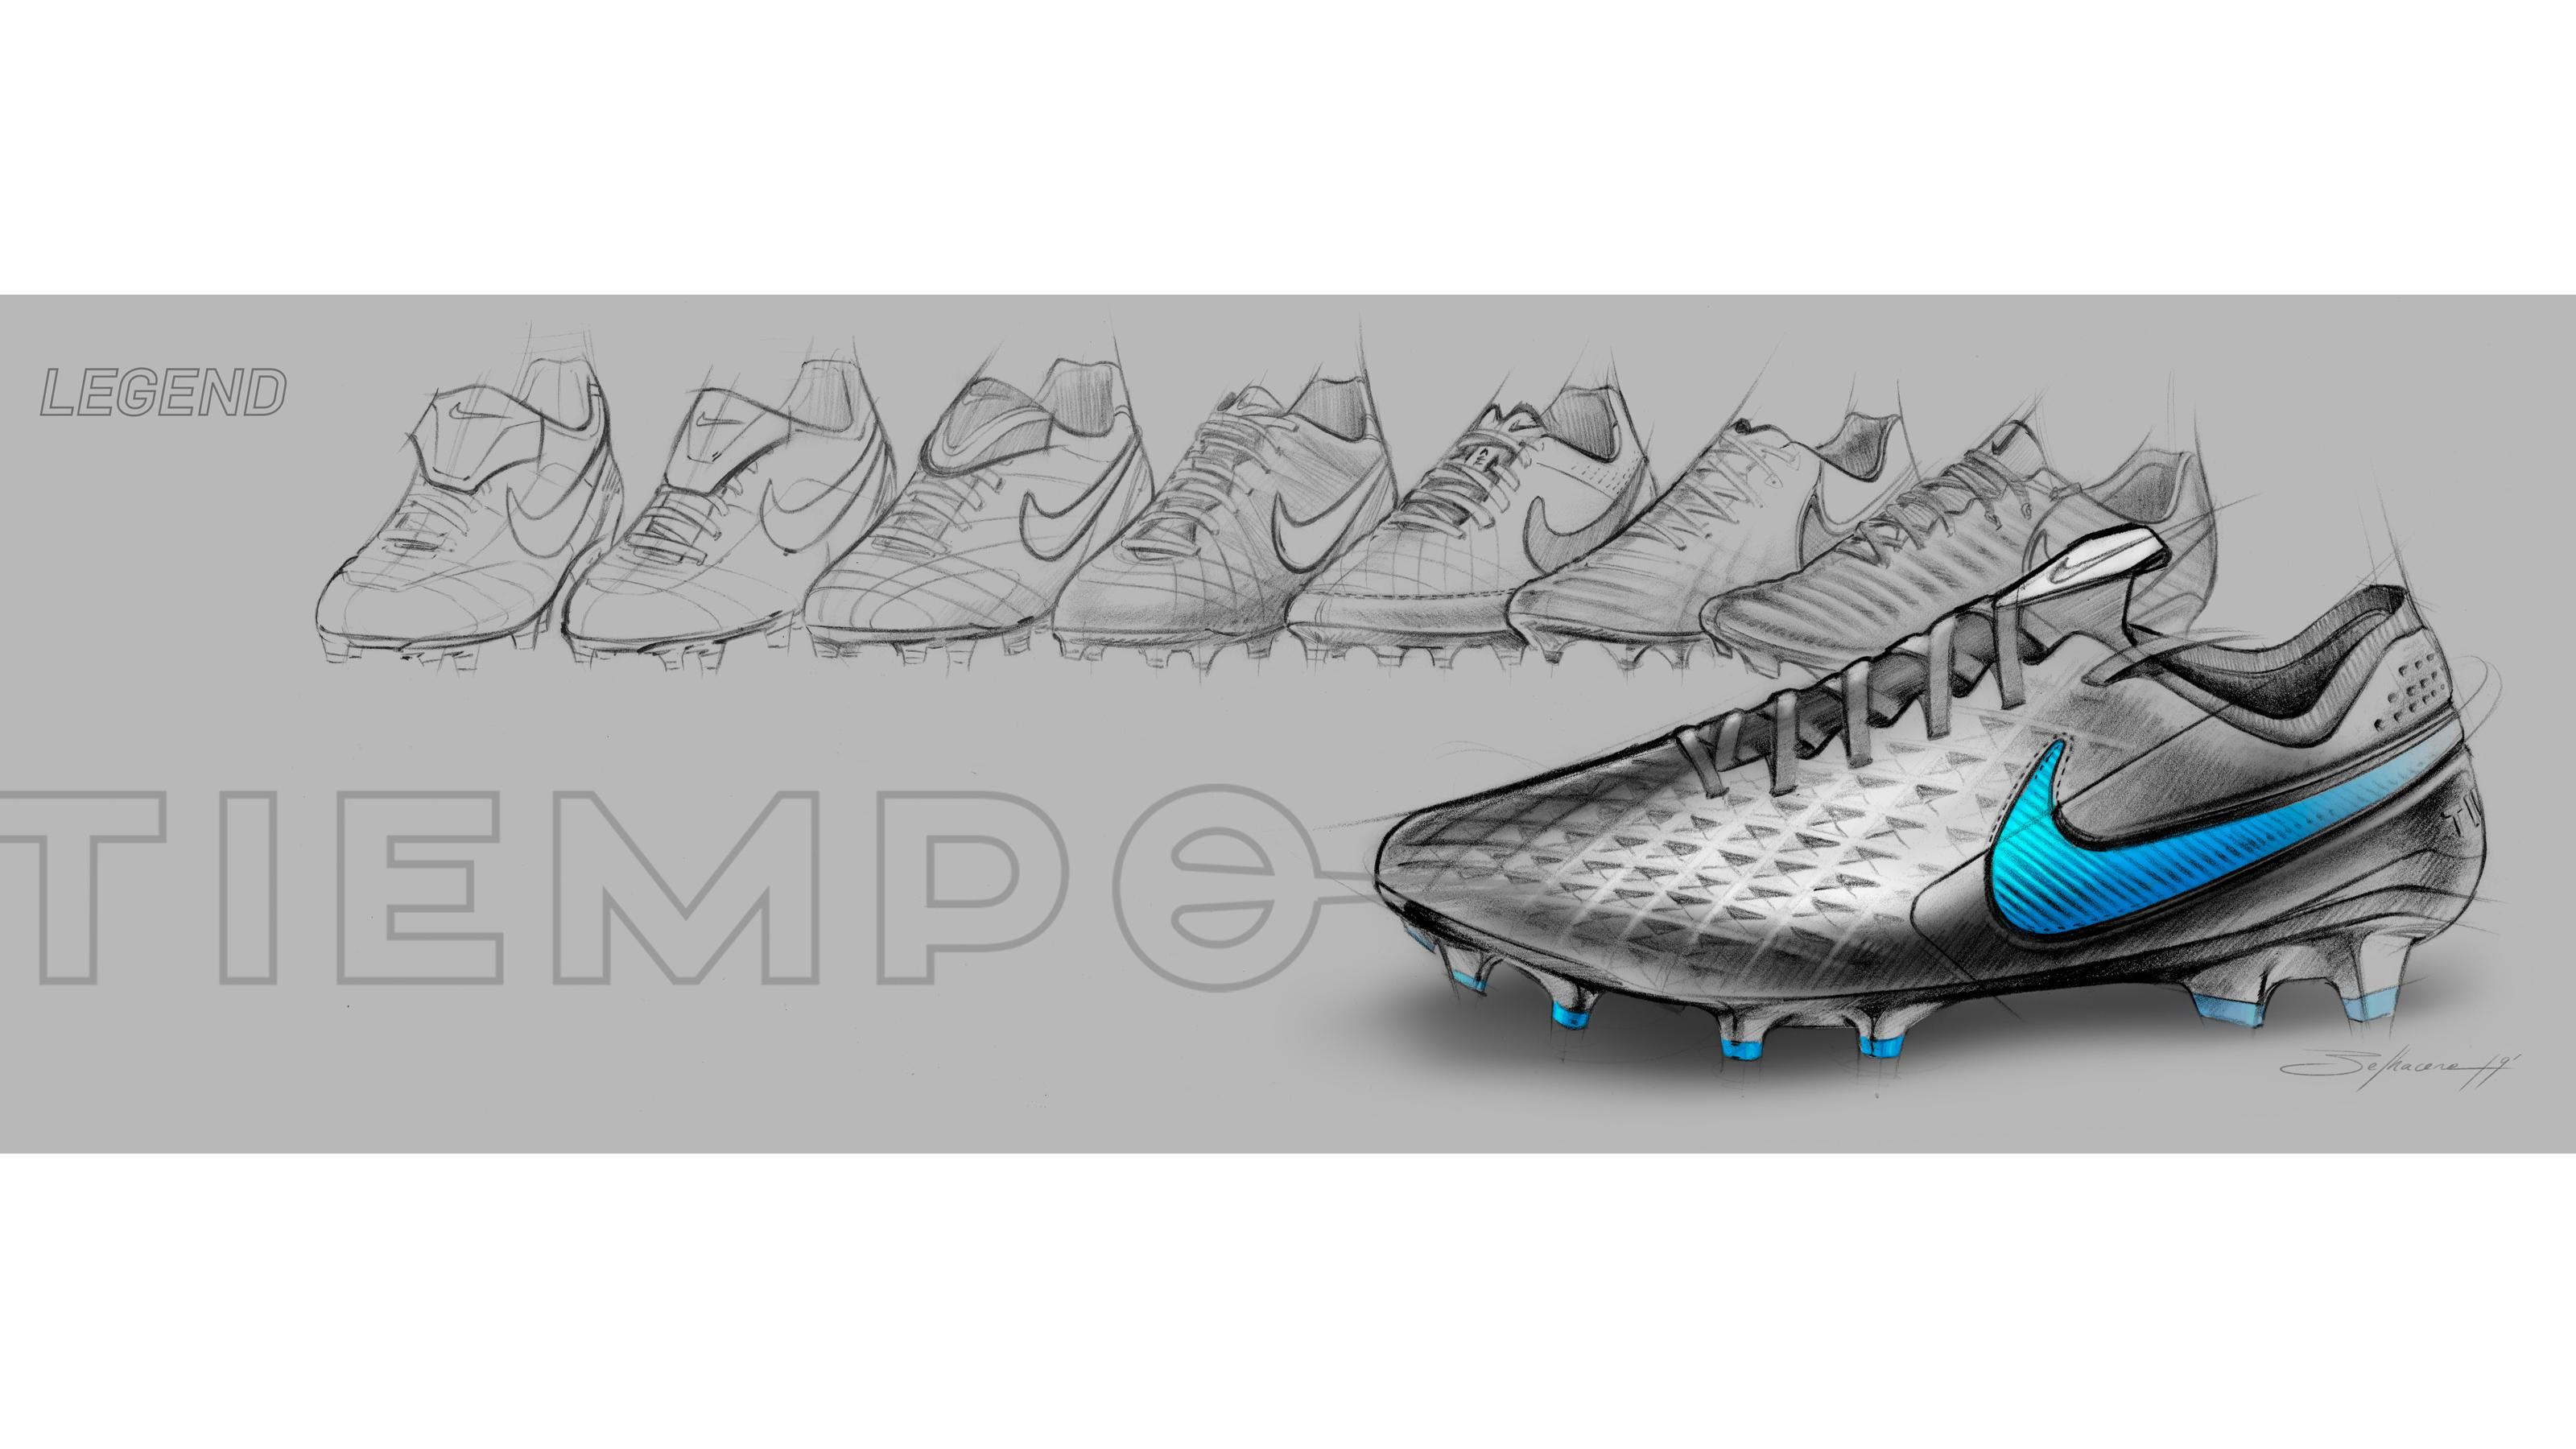 L'histoire complète de la Nike Tiempo Legend depuis 1983